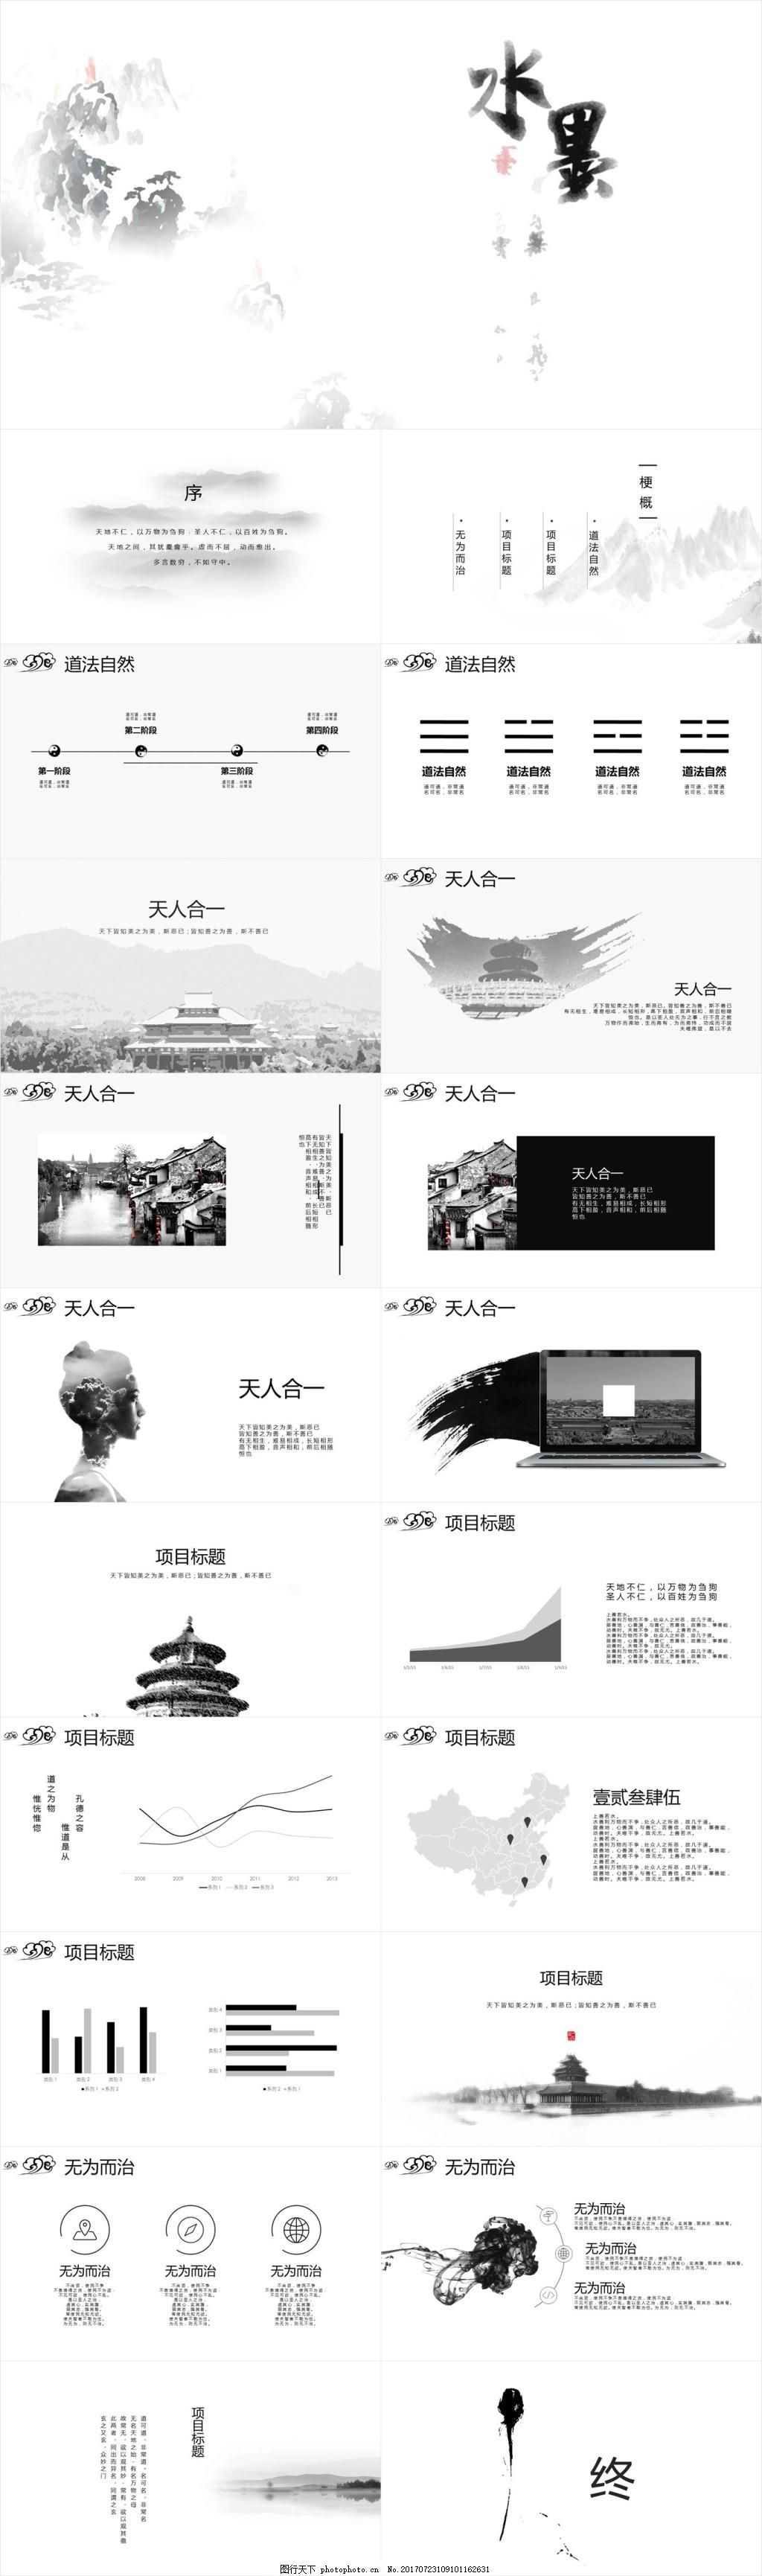 简约高端水墨中国风品牌宣传推广PPT模板